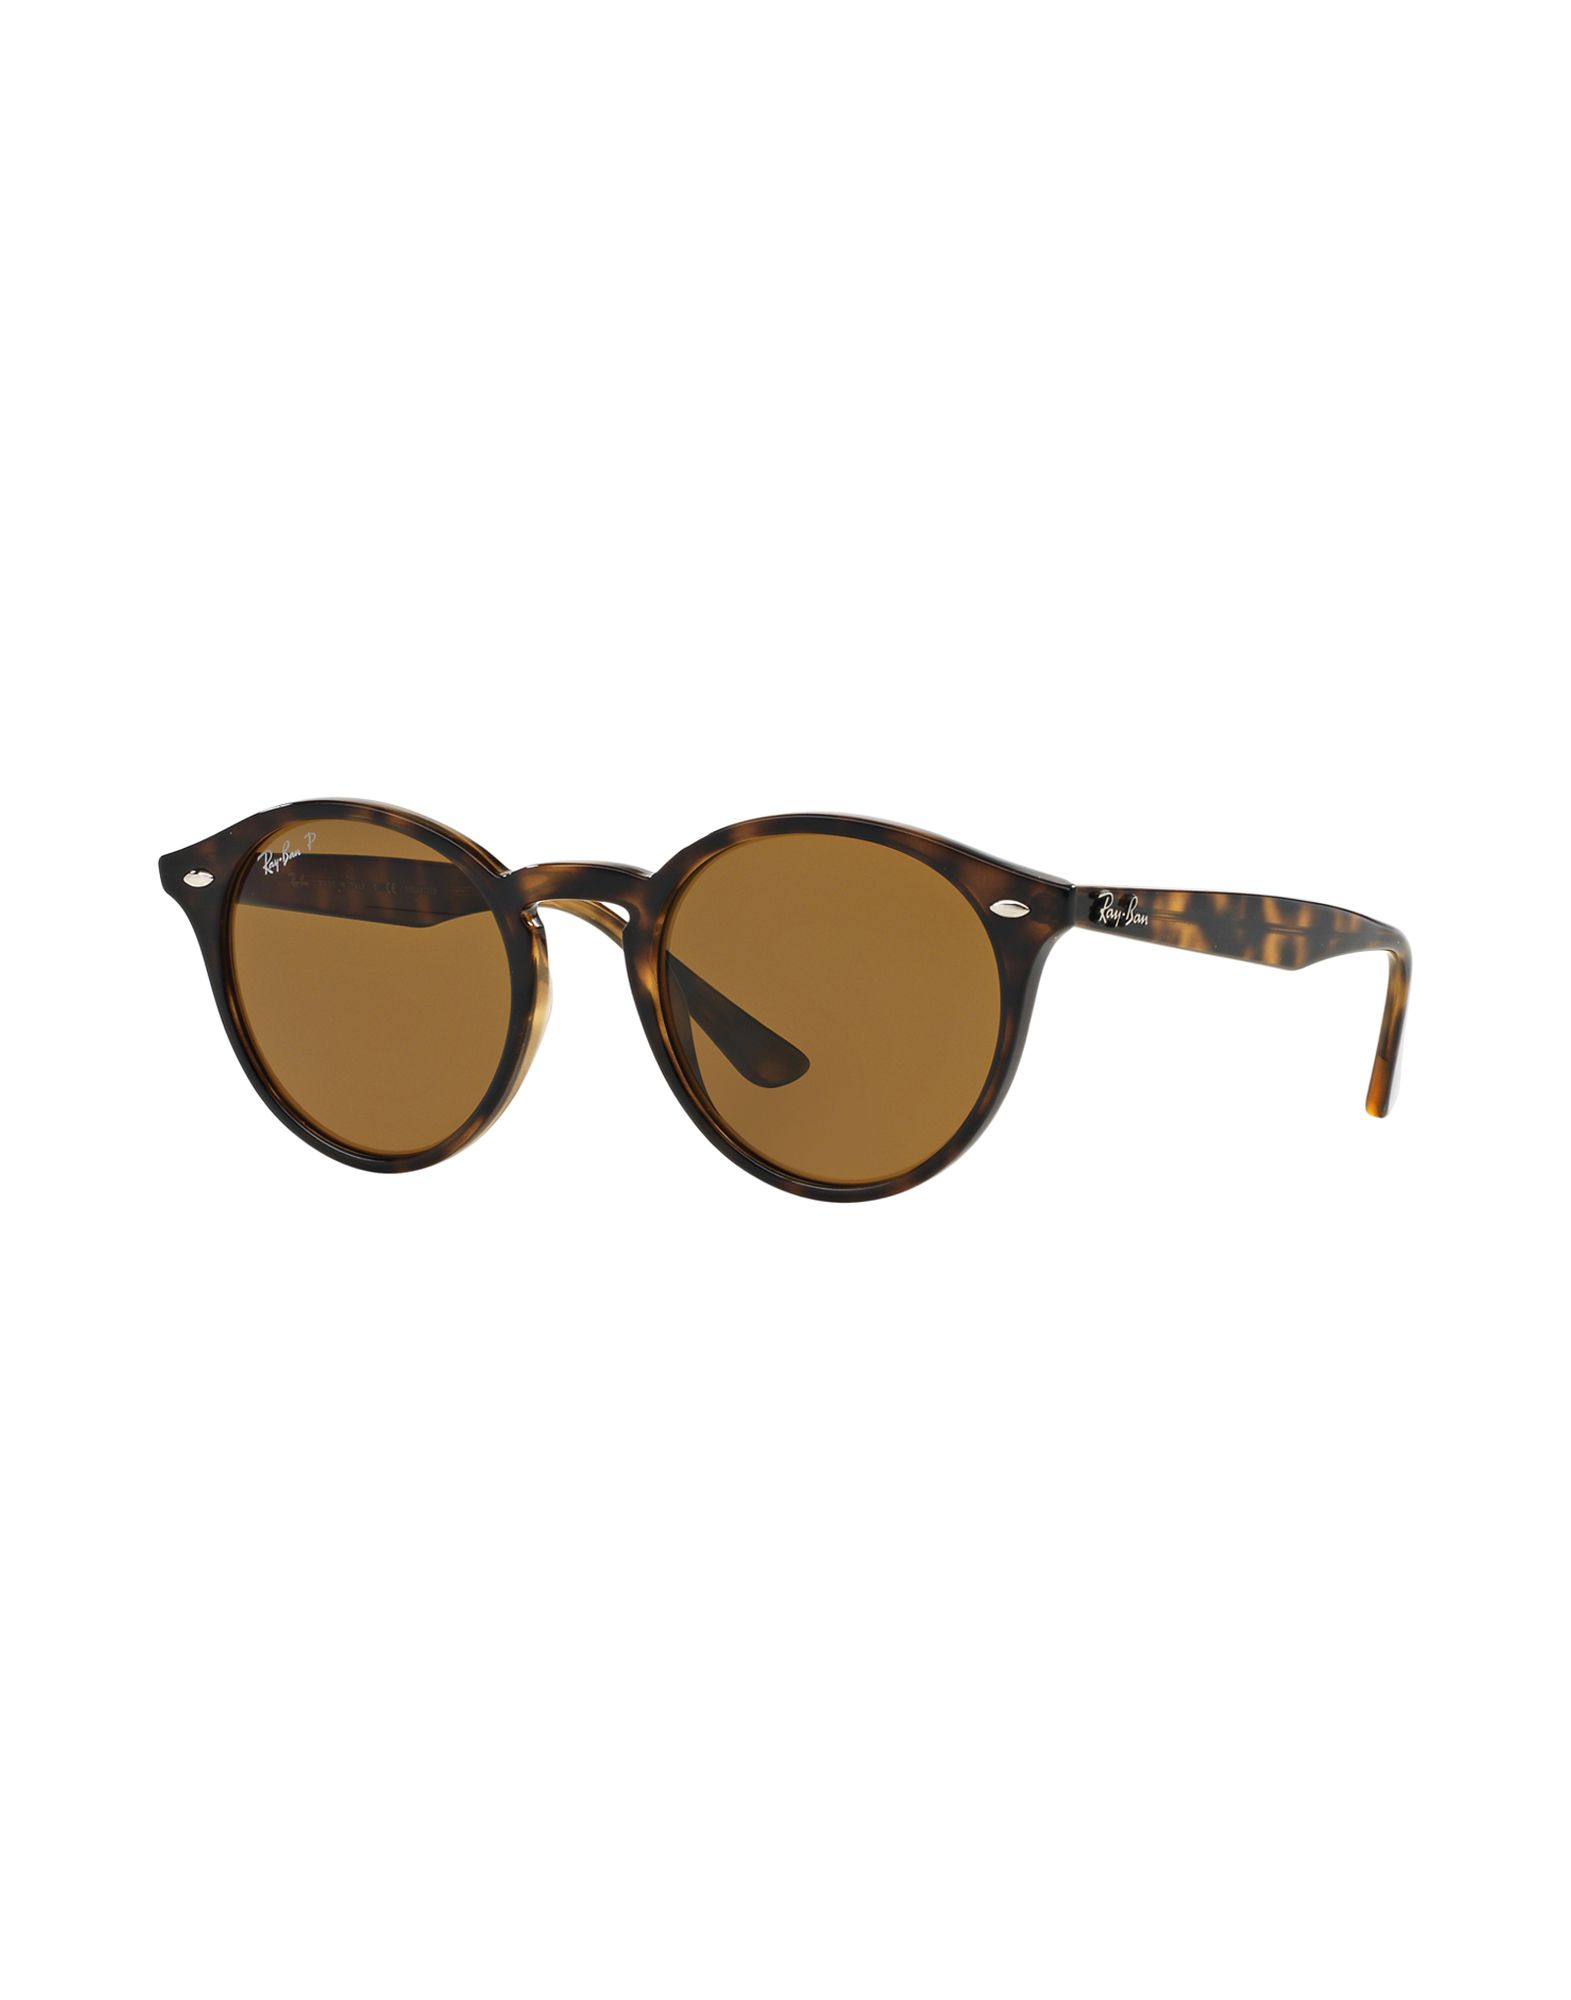 Occhiali Da Sole Ray-Ban Rb2180 - Uomo - Acquista online su